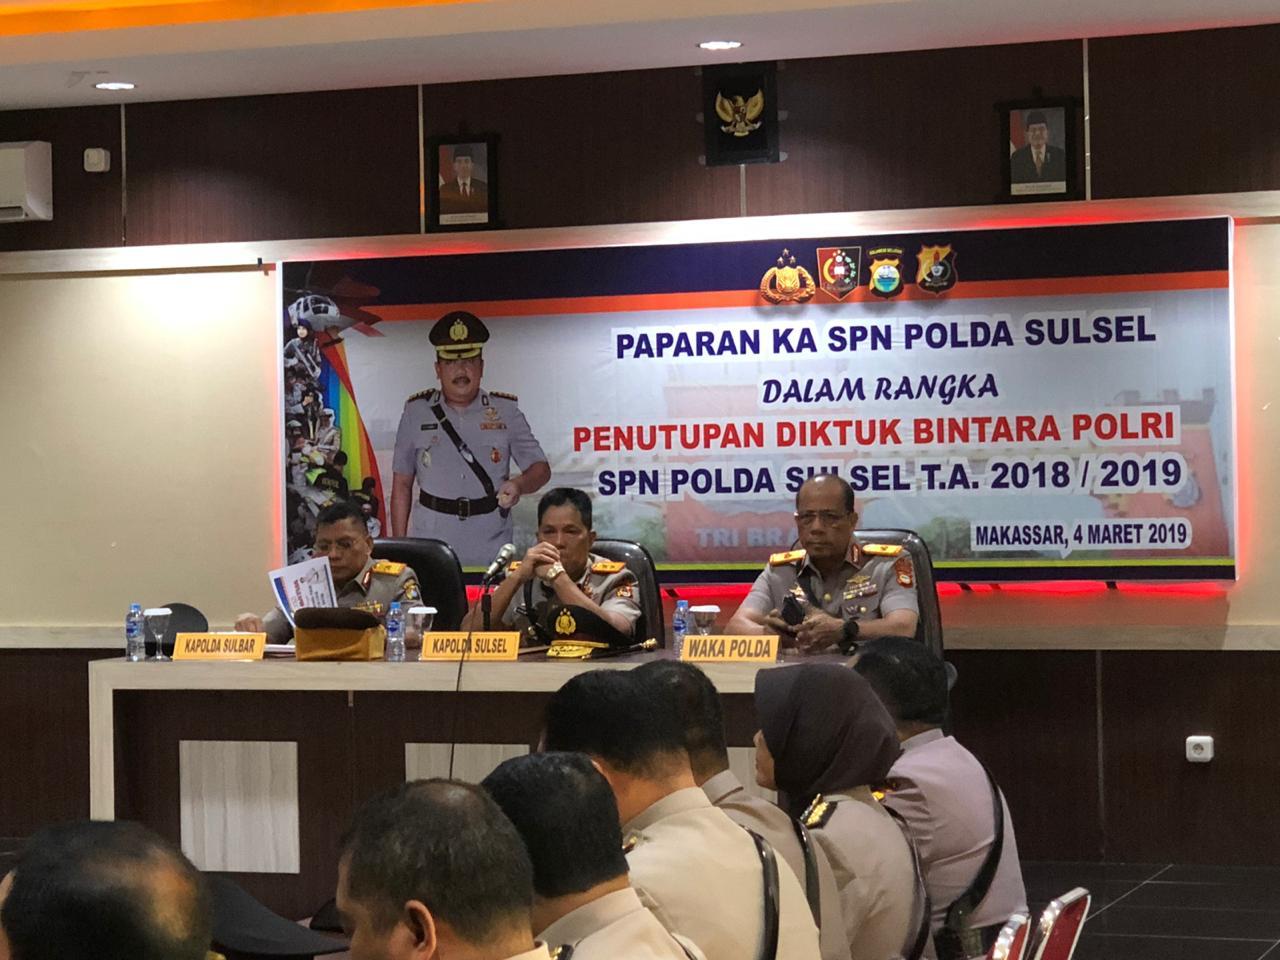 Kapolda Sulbar Hadiri Penutupan Diktukba di SPN Batua Makassar.